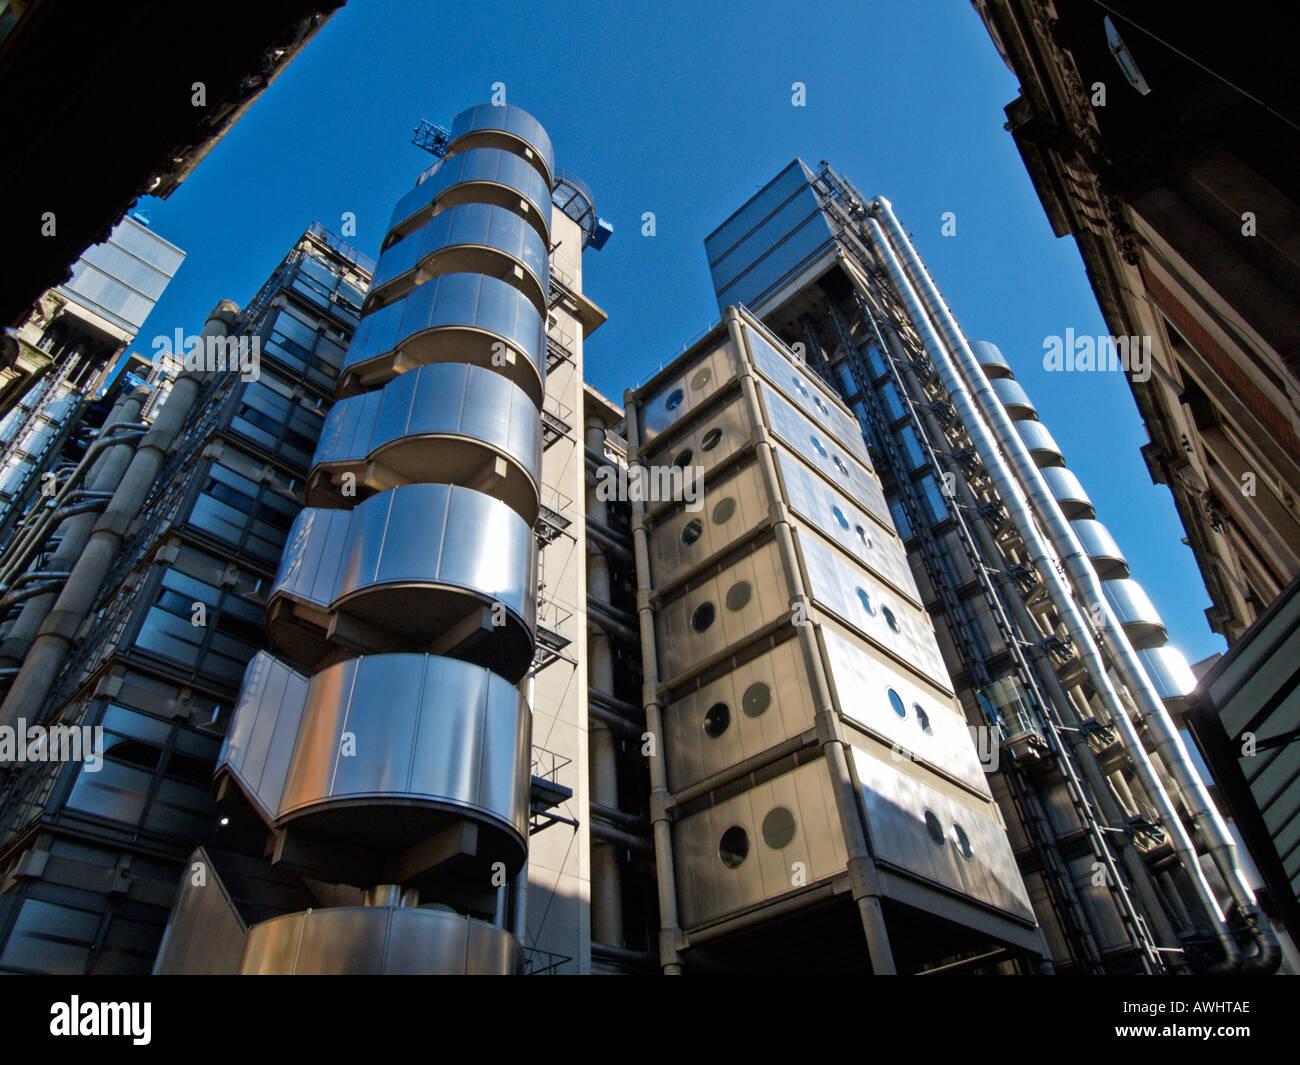 richard rogers buildings